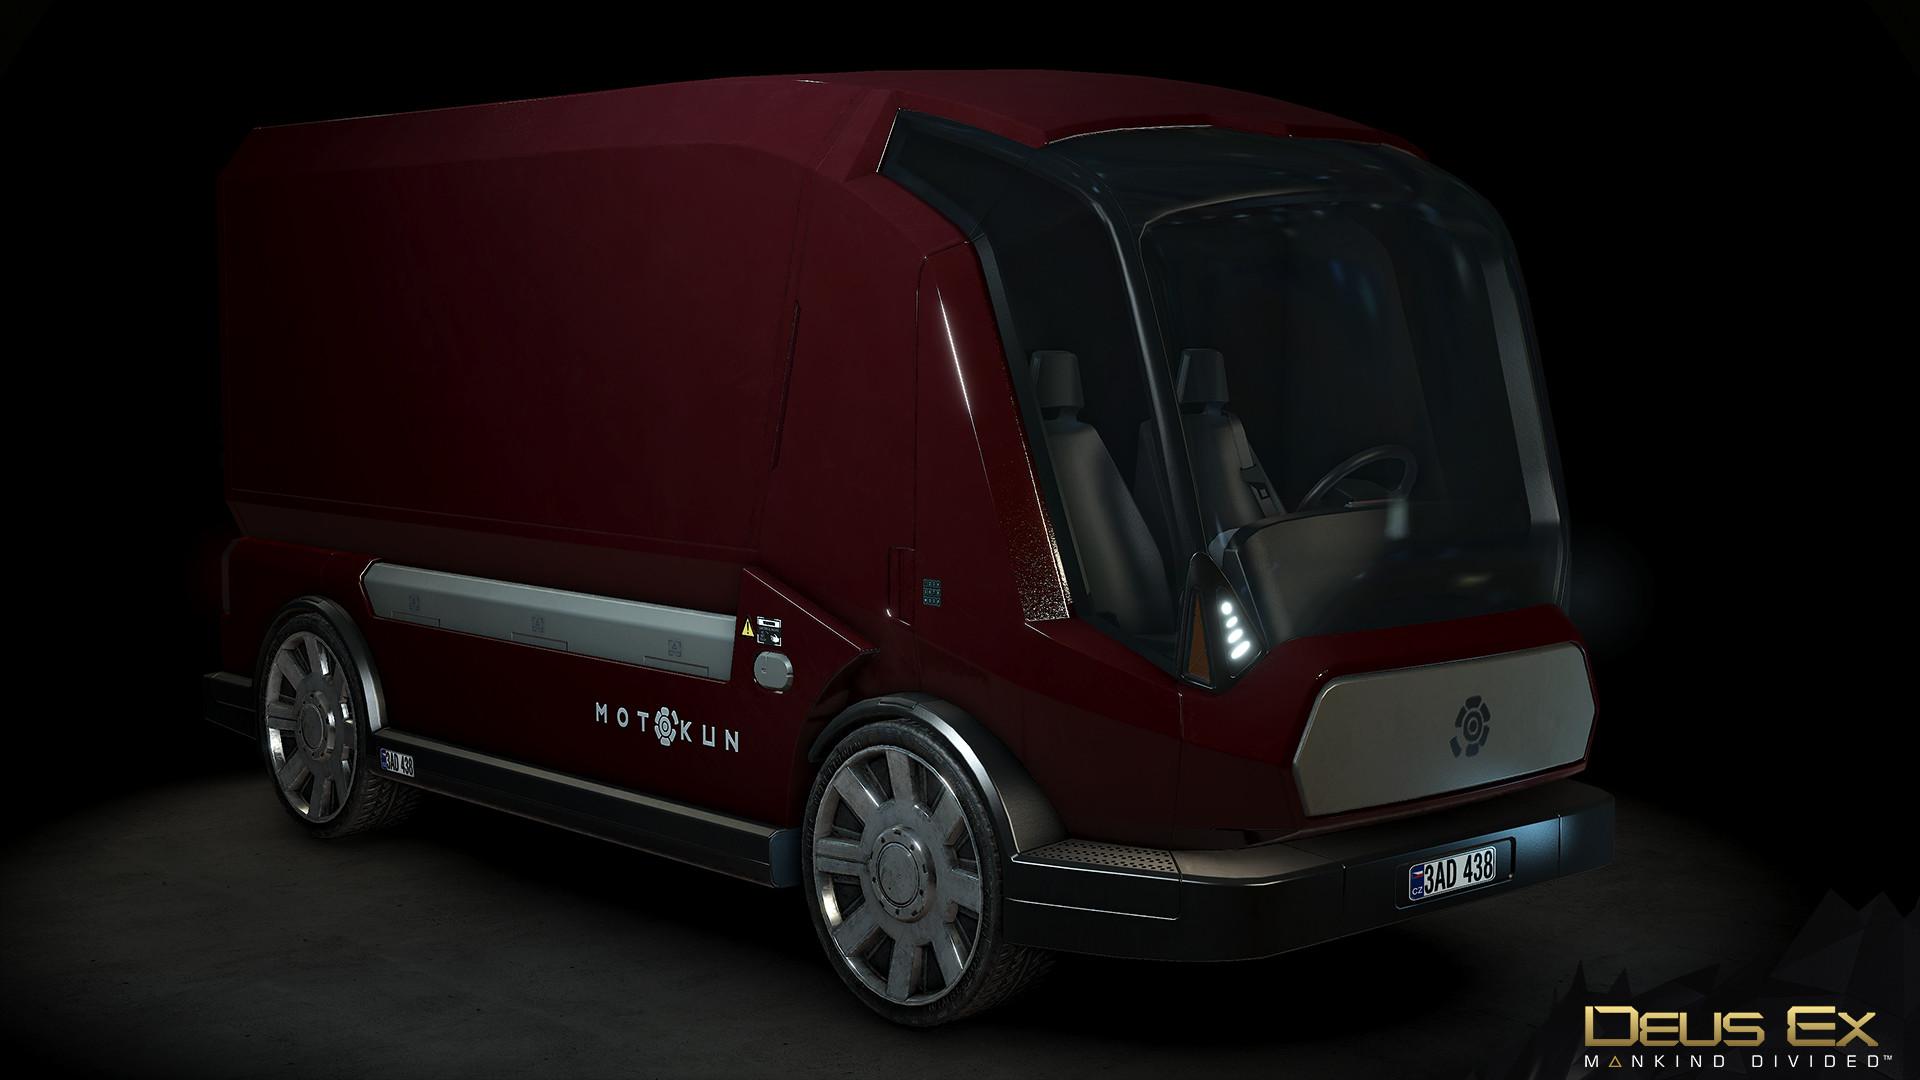 https://cdna.artstation.com/p/assets/images/images/003/501/702/large/frederic-ferland-dorval-minivan-front.jpg?1474398675